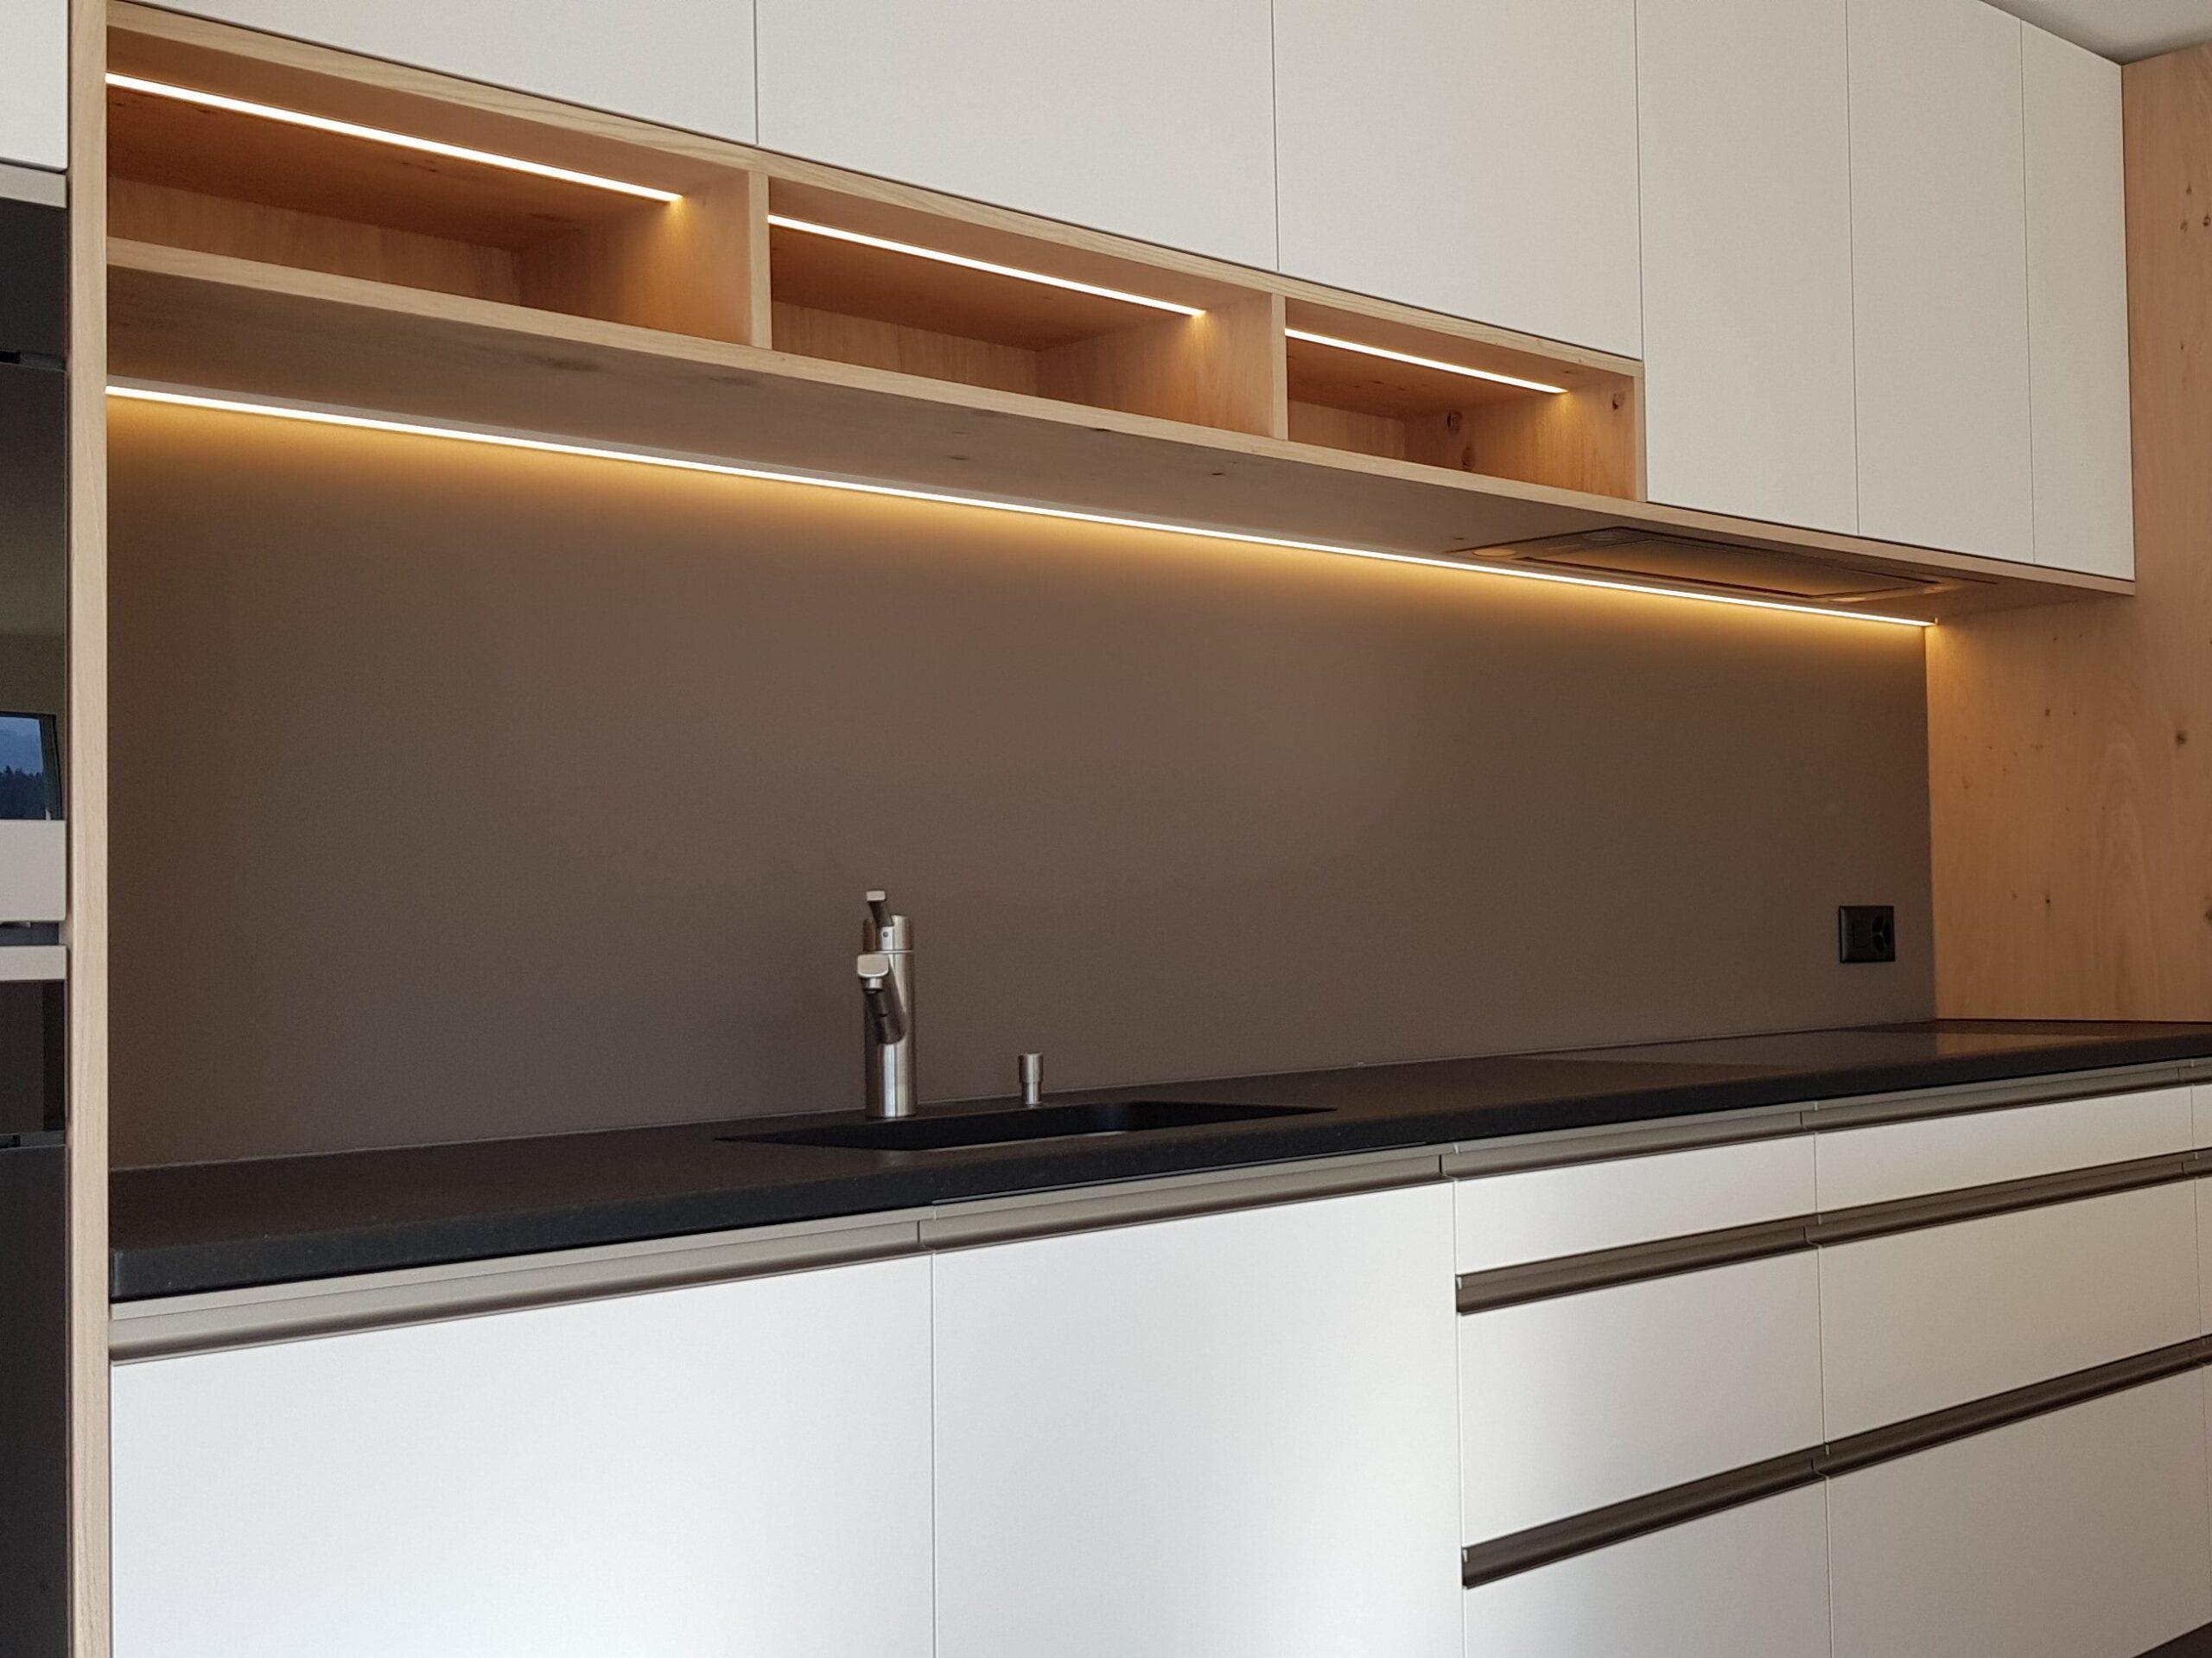 Wooddesign_Holzleuchten_LED-Beleuchtung_Licht_Indirekte Beleuchtung_Direkte Beleuchtung_Holzdesign (43)-min